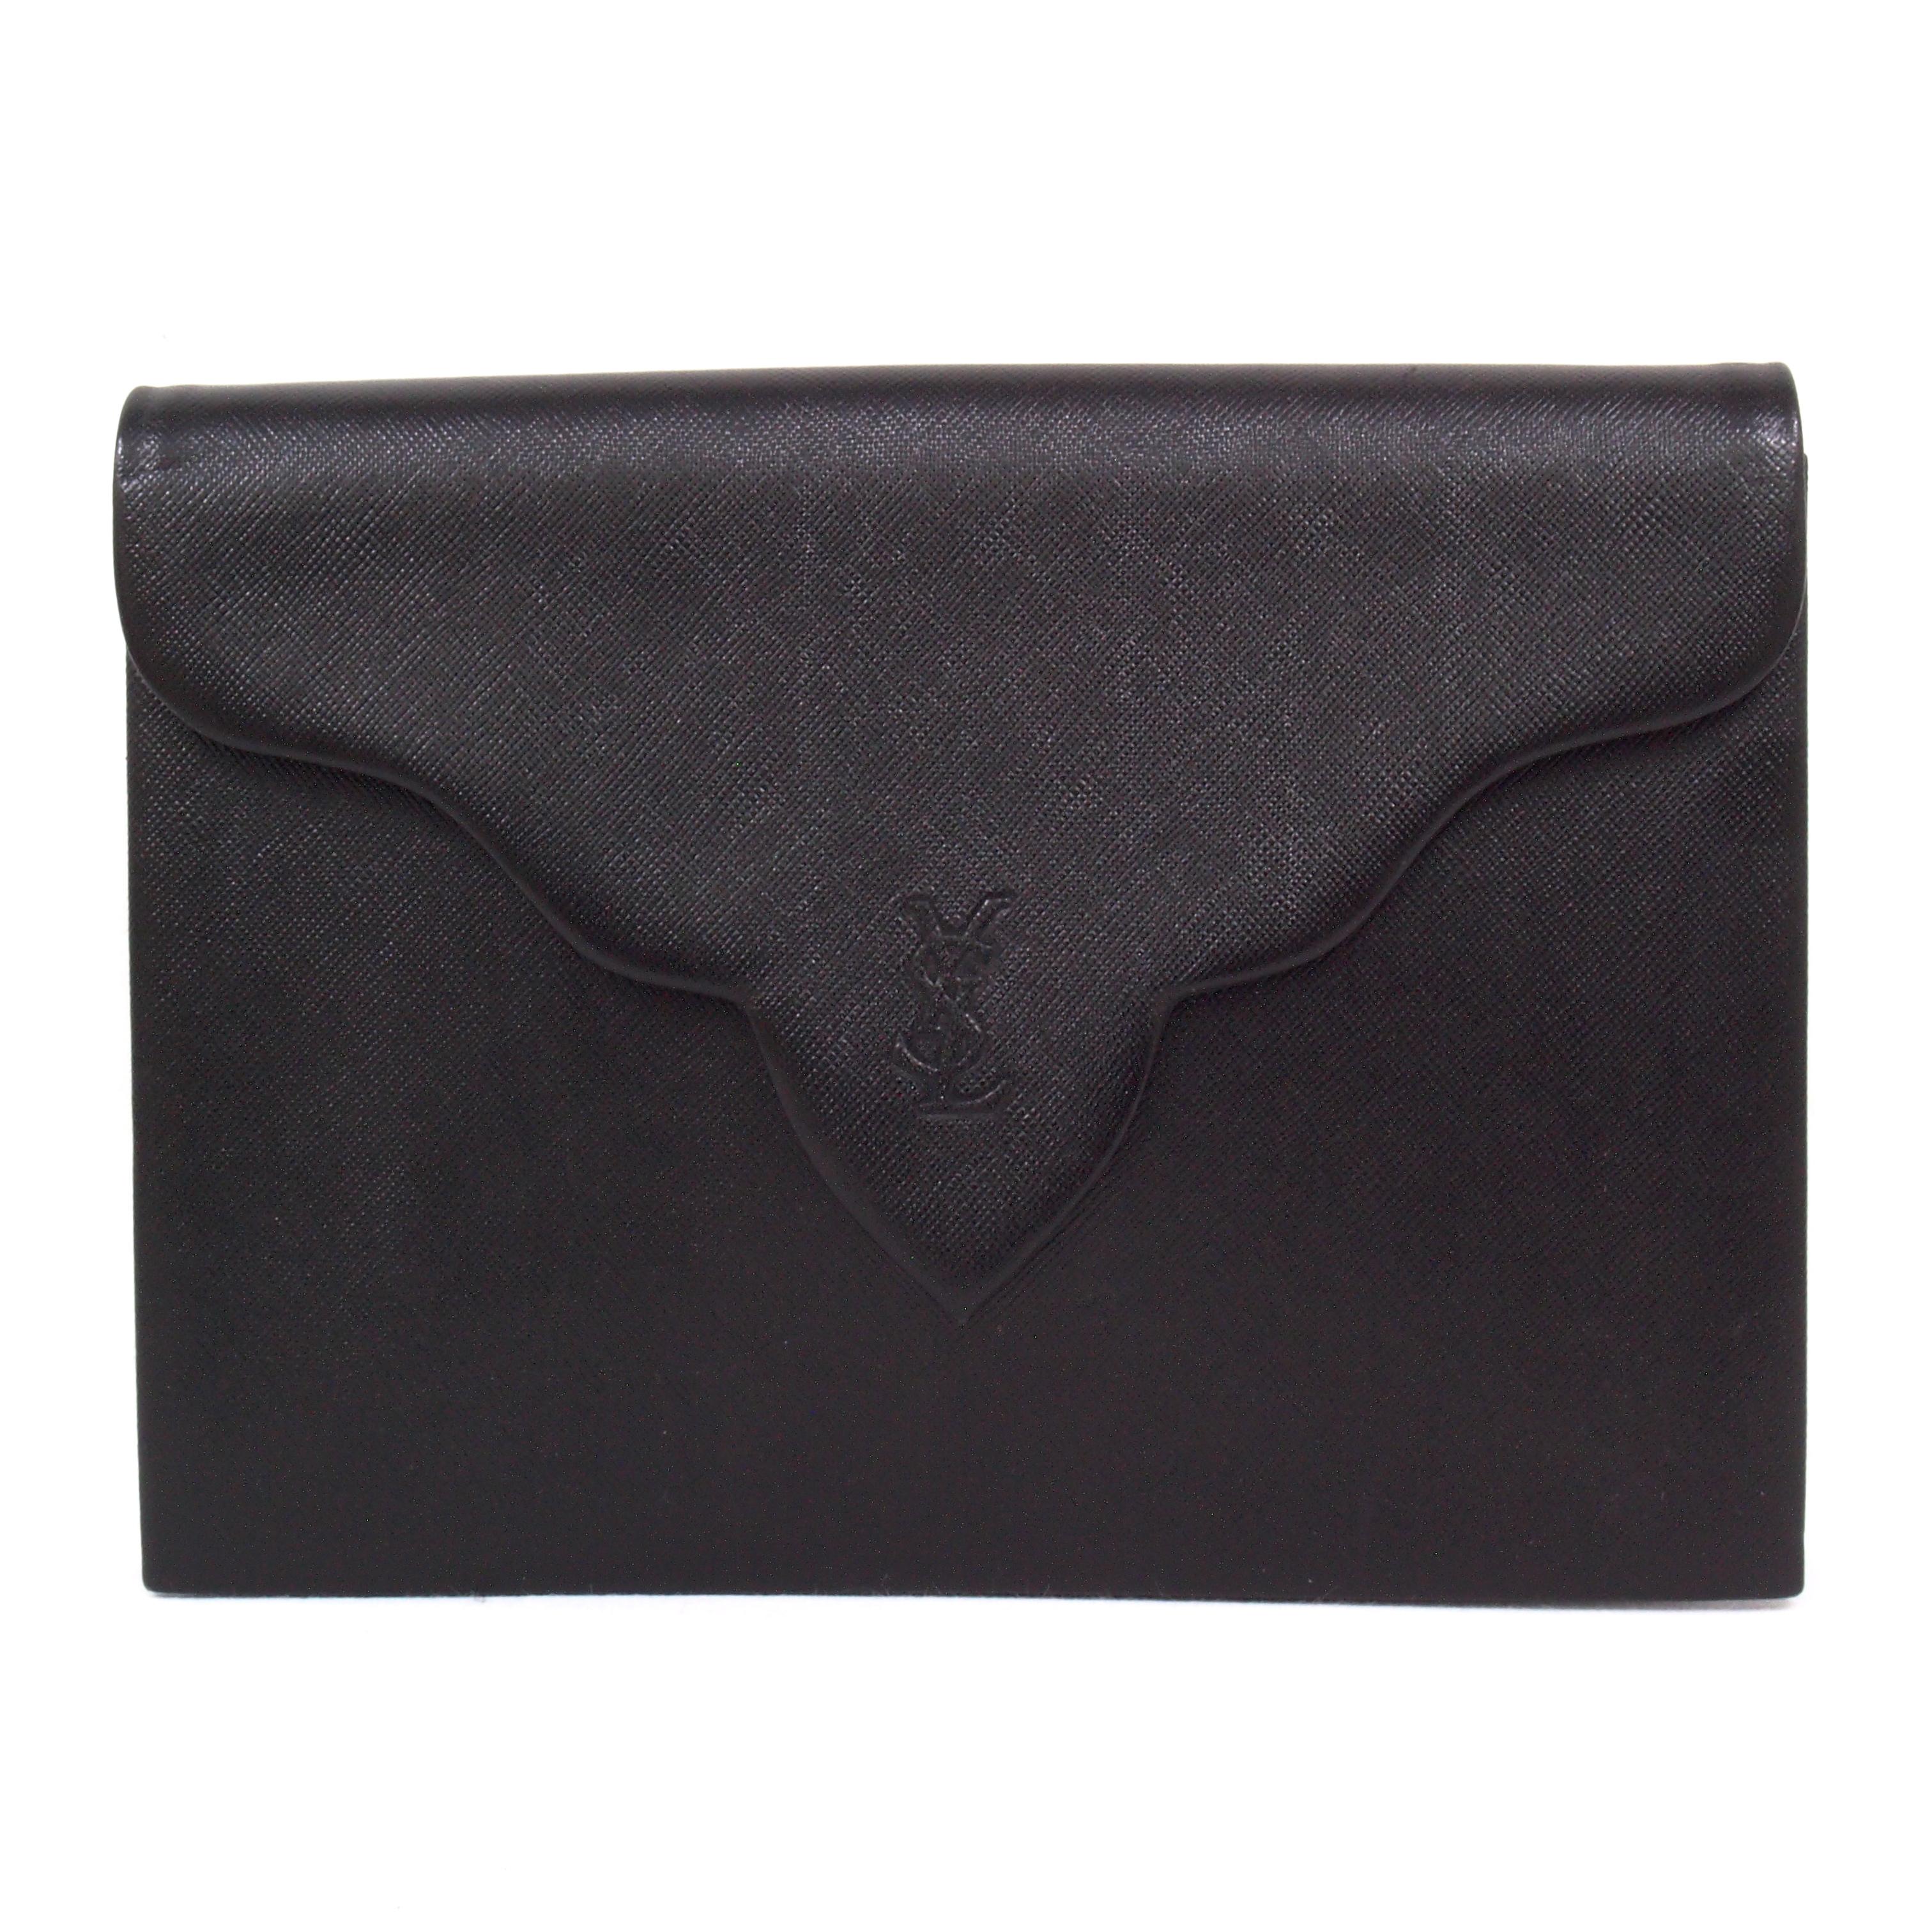 Vintage Mint Yves Saint Laurent YSL Envelope Clutch Bag Decorative ...